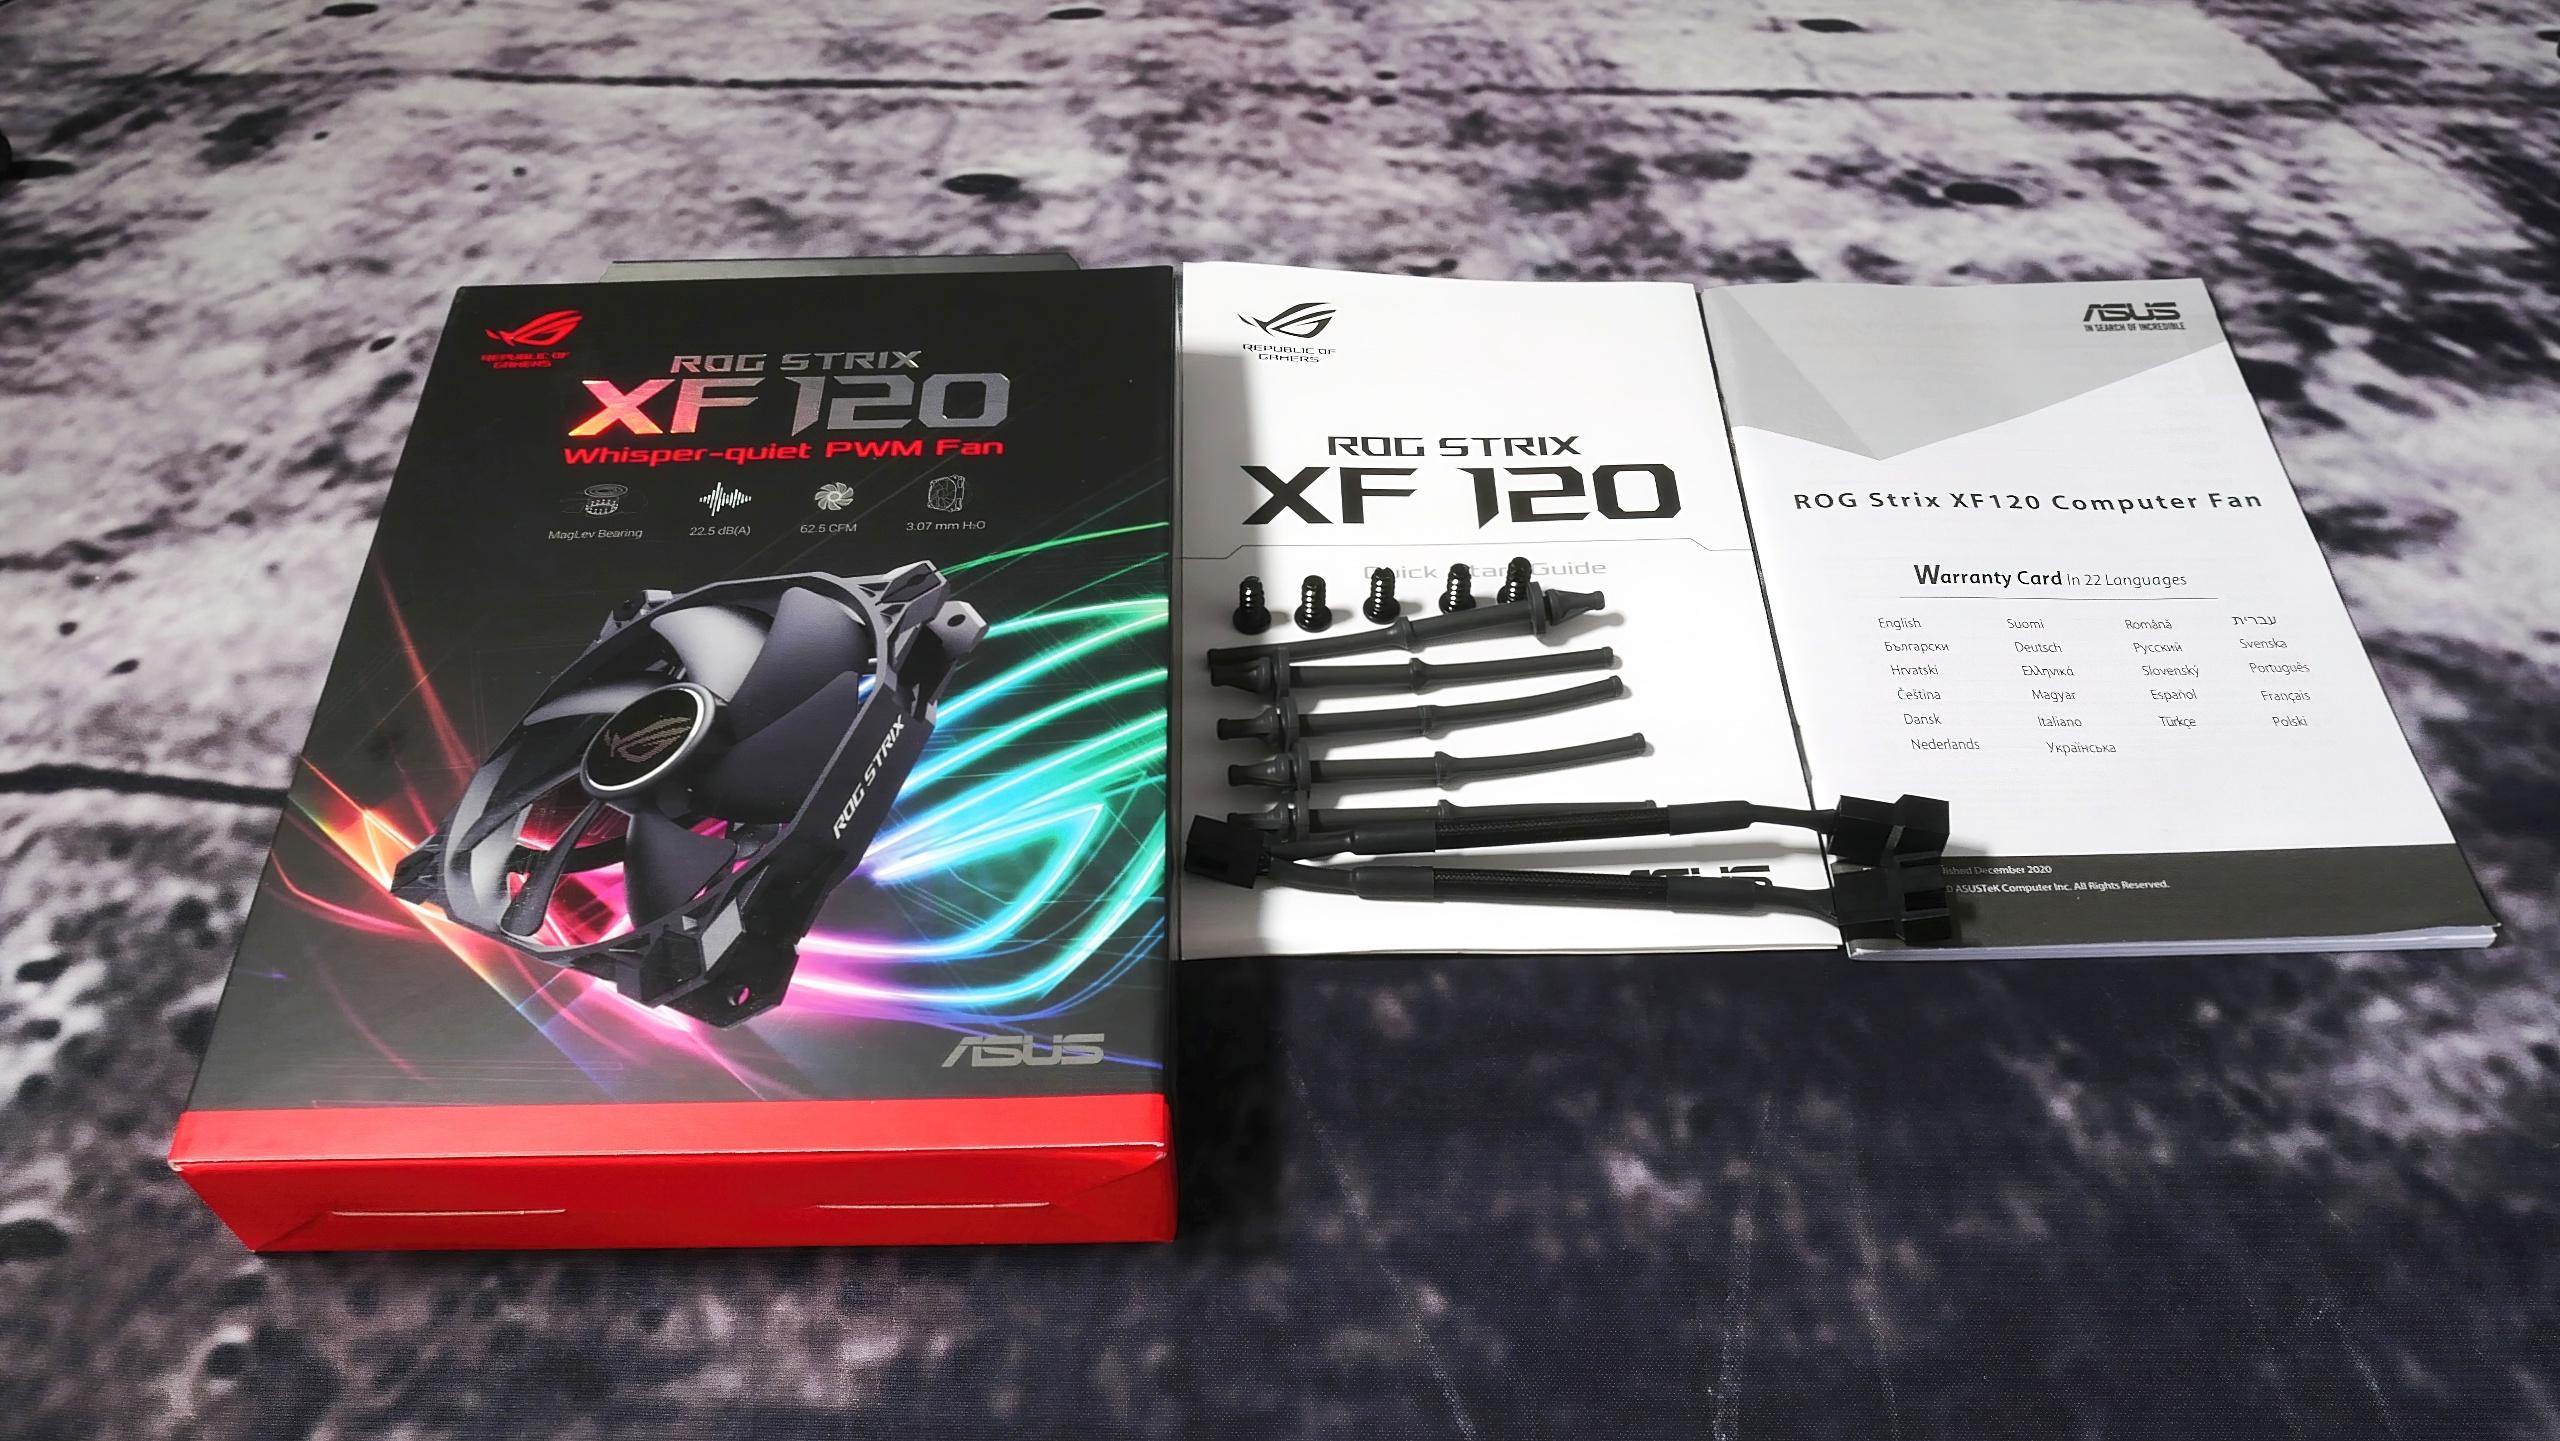 ASUS ROG Strix XF 120 Gehäuselüfter im Test - Nicht mal schlecht, aber viel zu teuer